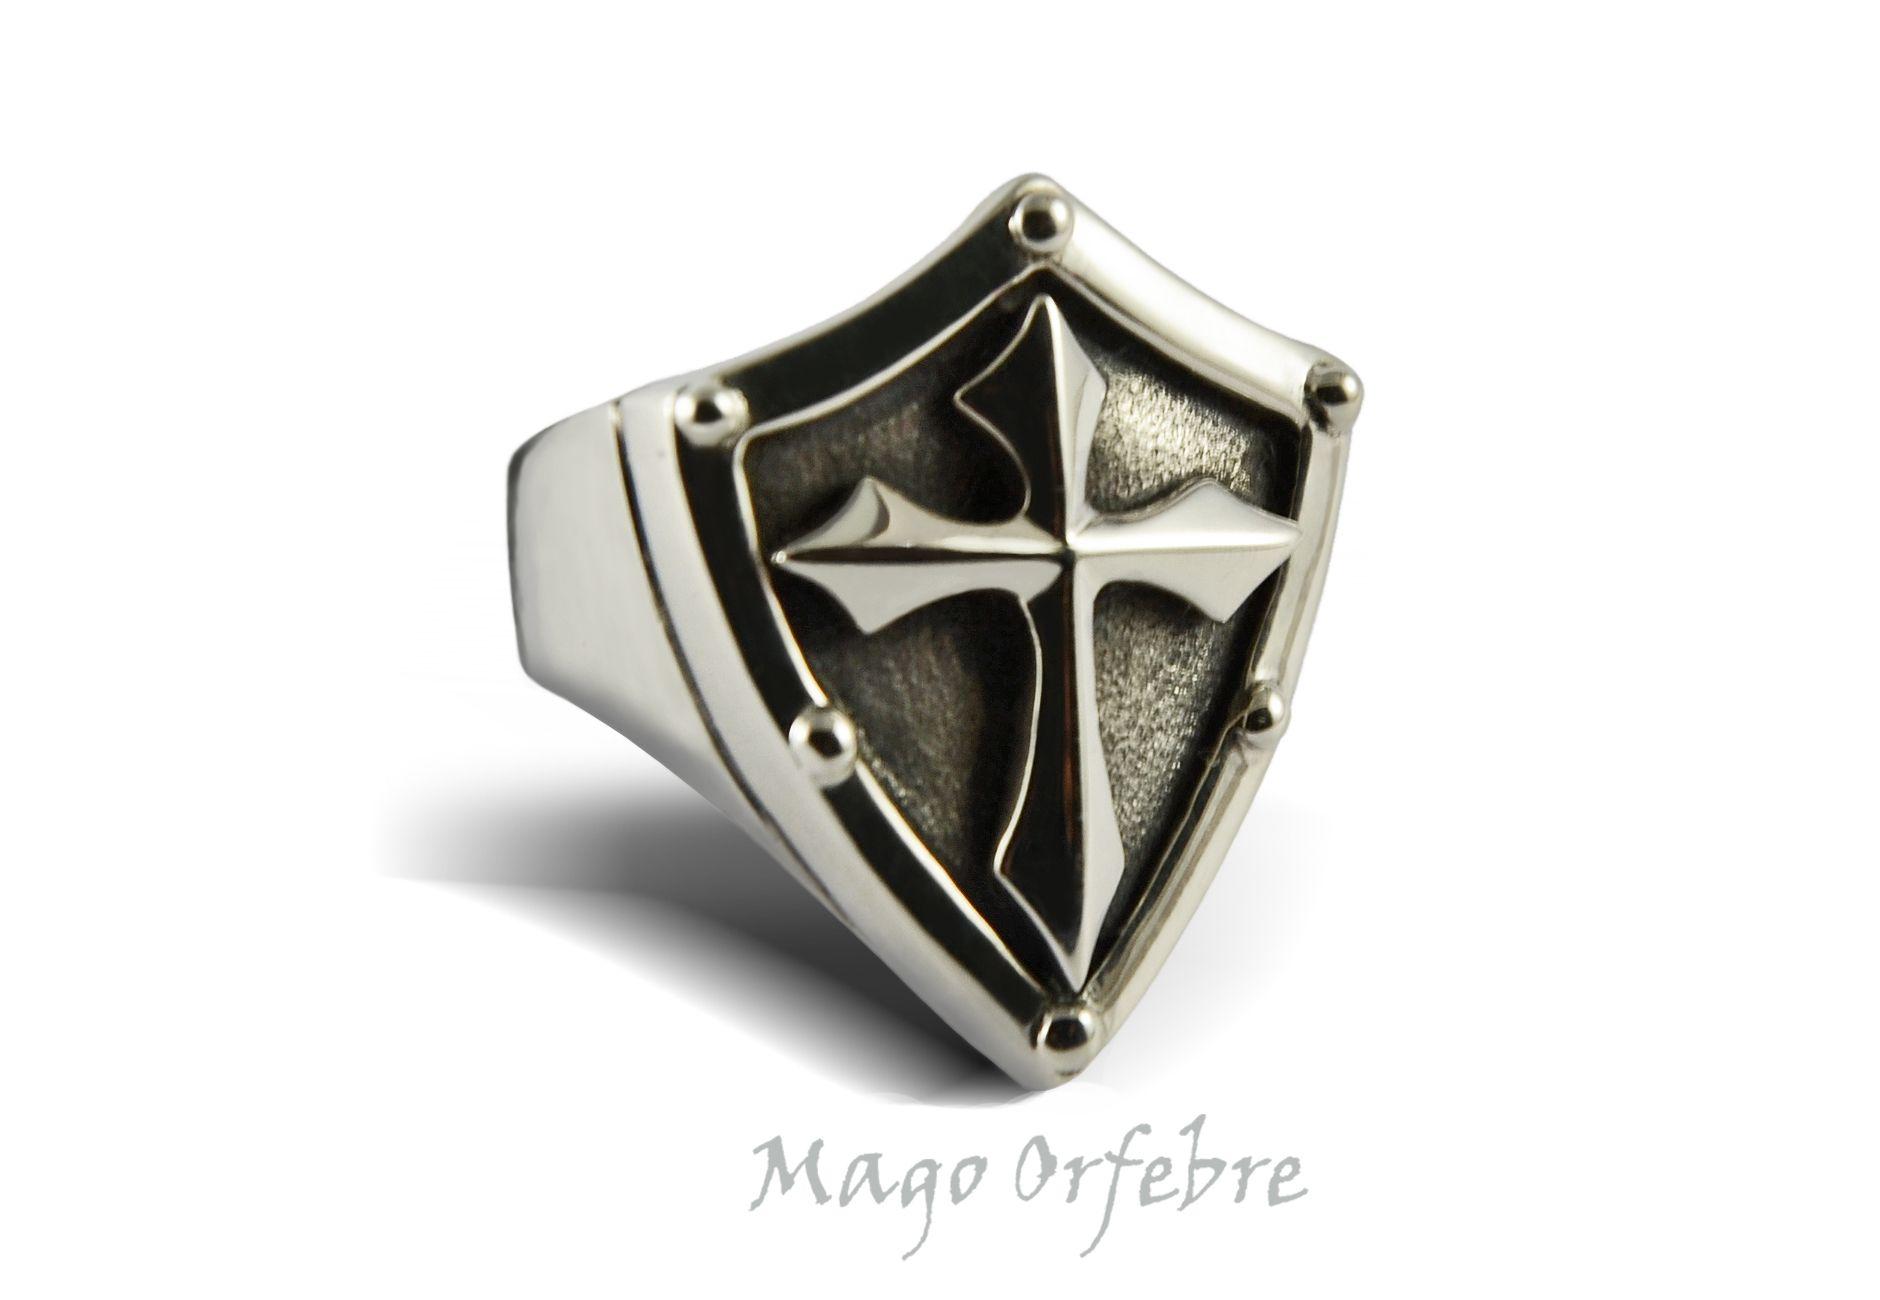 Tattoos for men ring anillo escudo hecho en plata  mago orfebre  リング